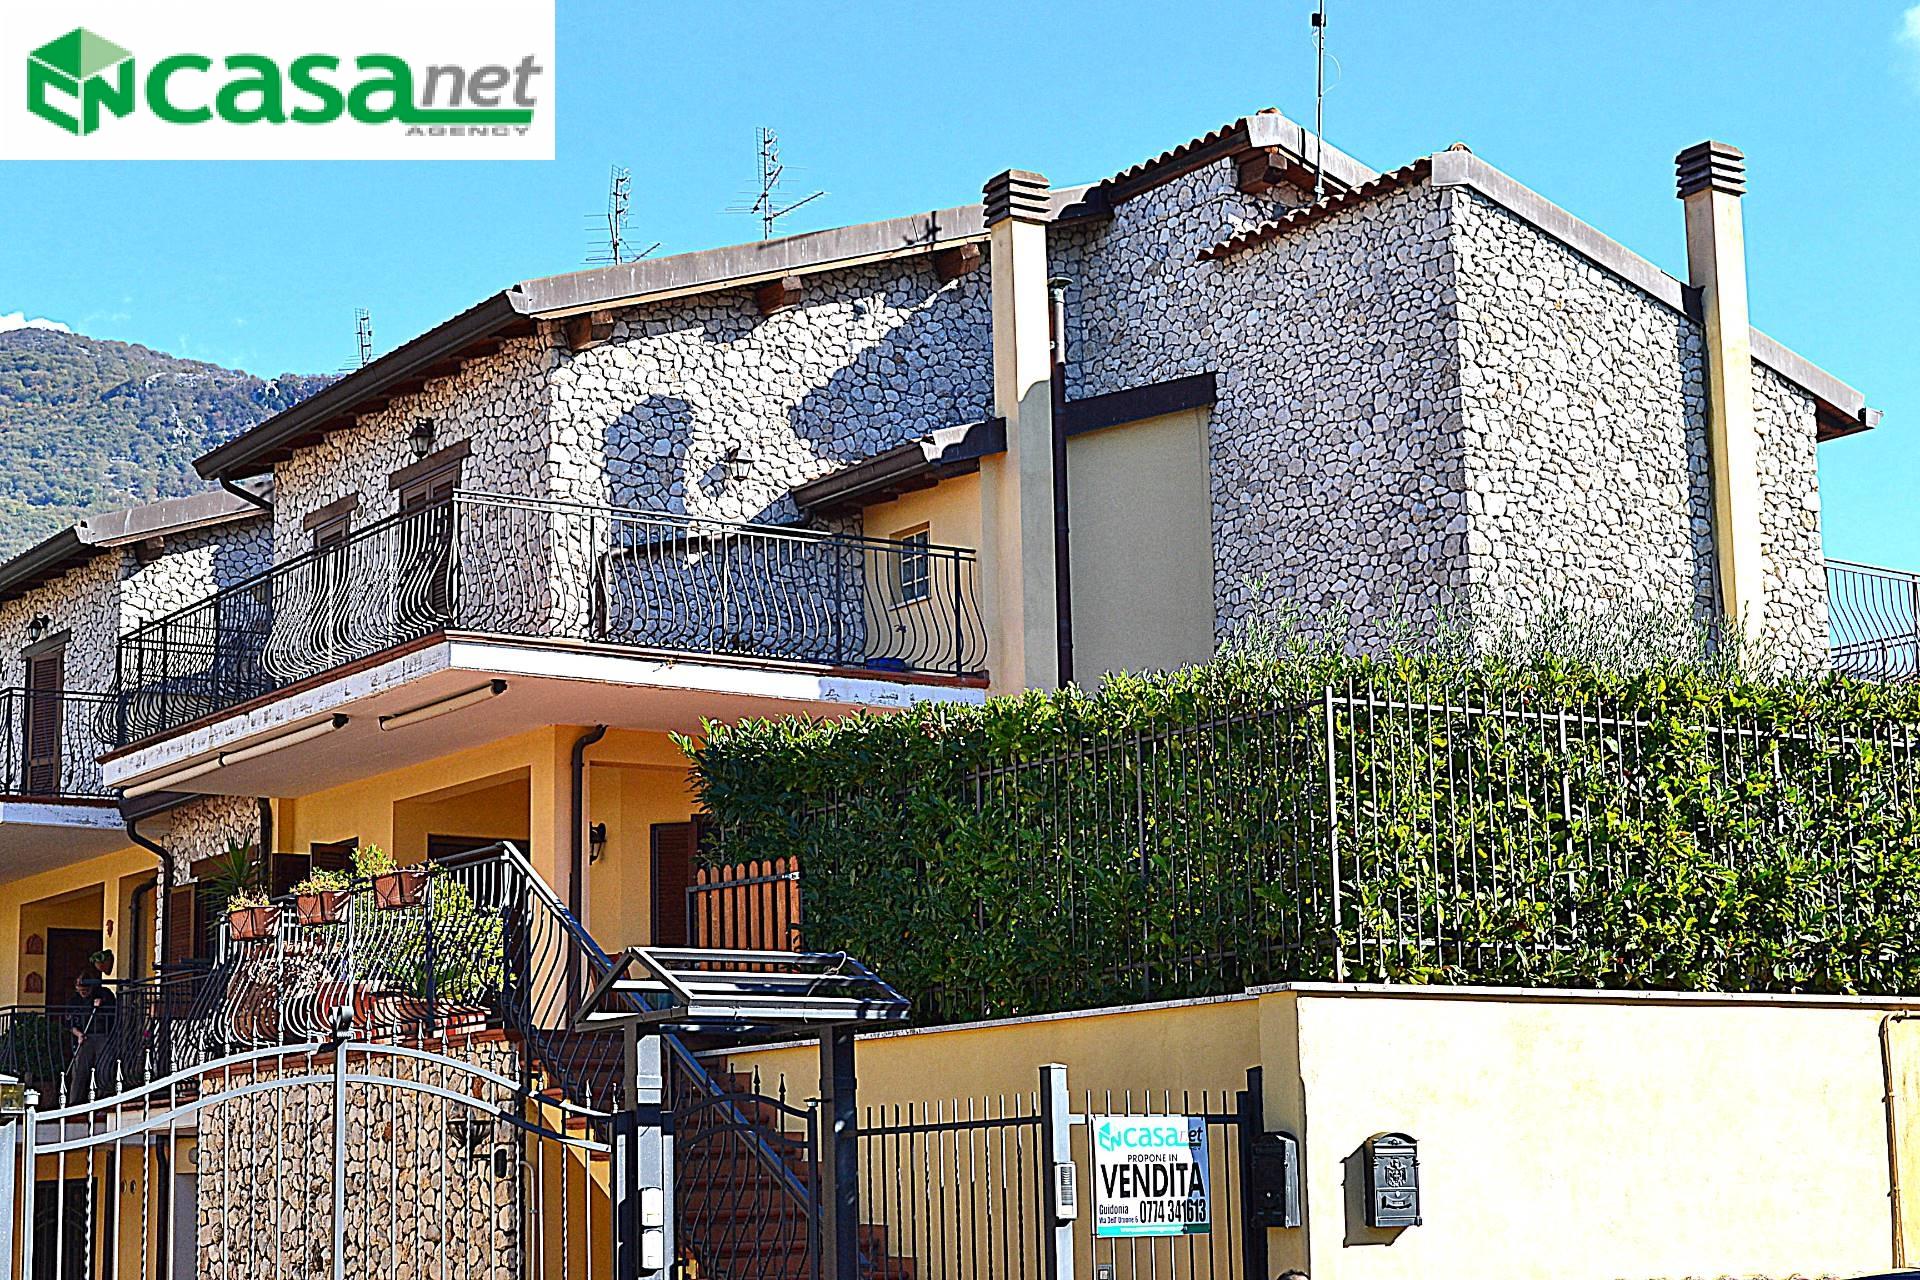 Villa in vendita a Marcellina, 3 locali, prezzo € 209.000   CambioCasa.it